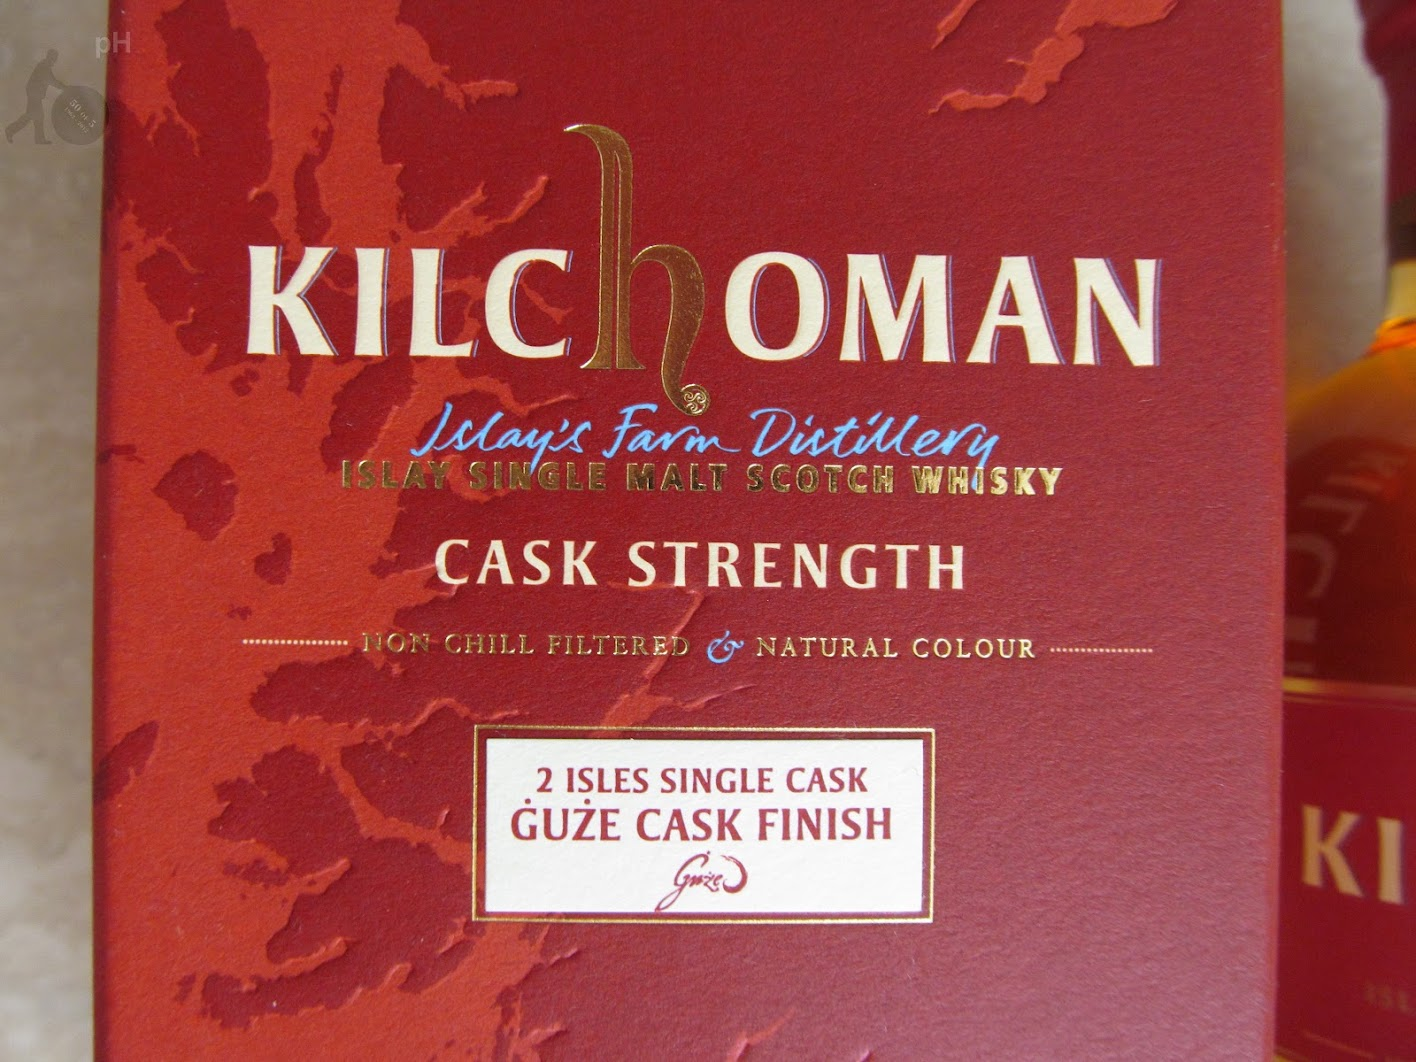 Kilchoman Guze